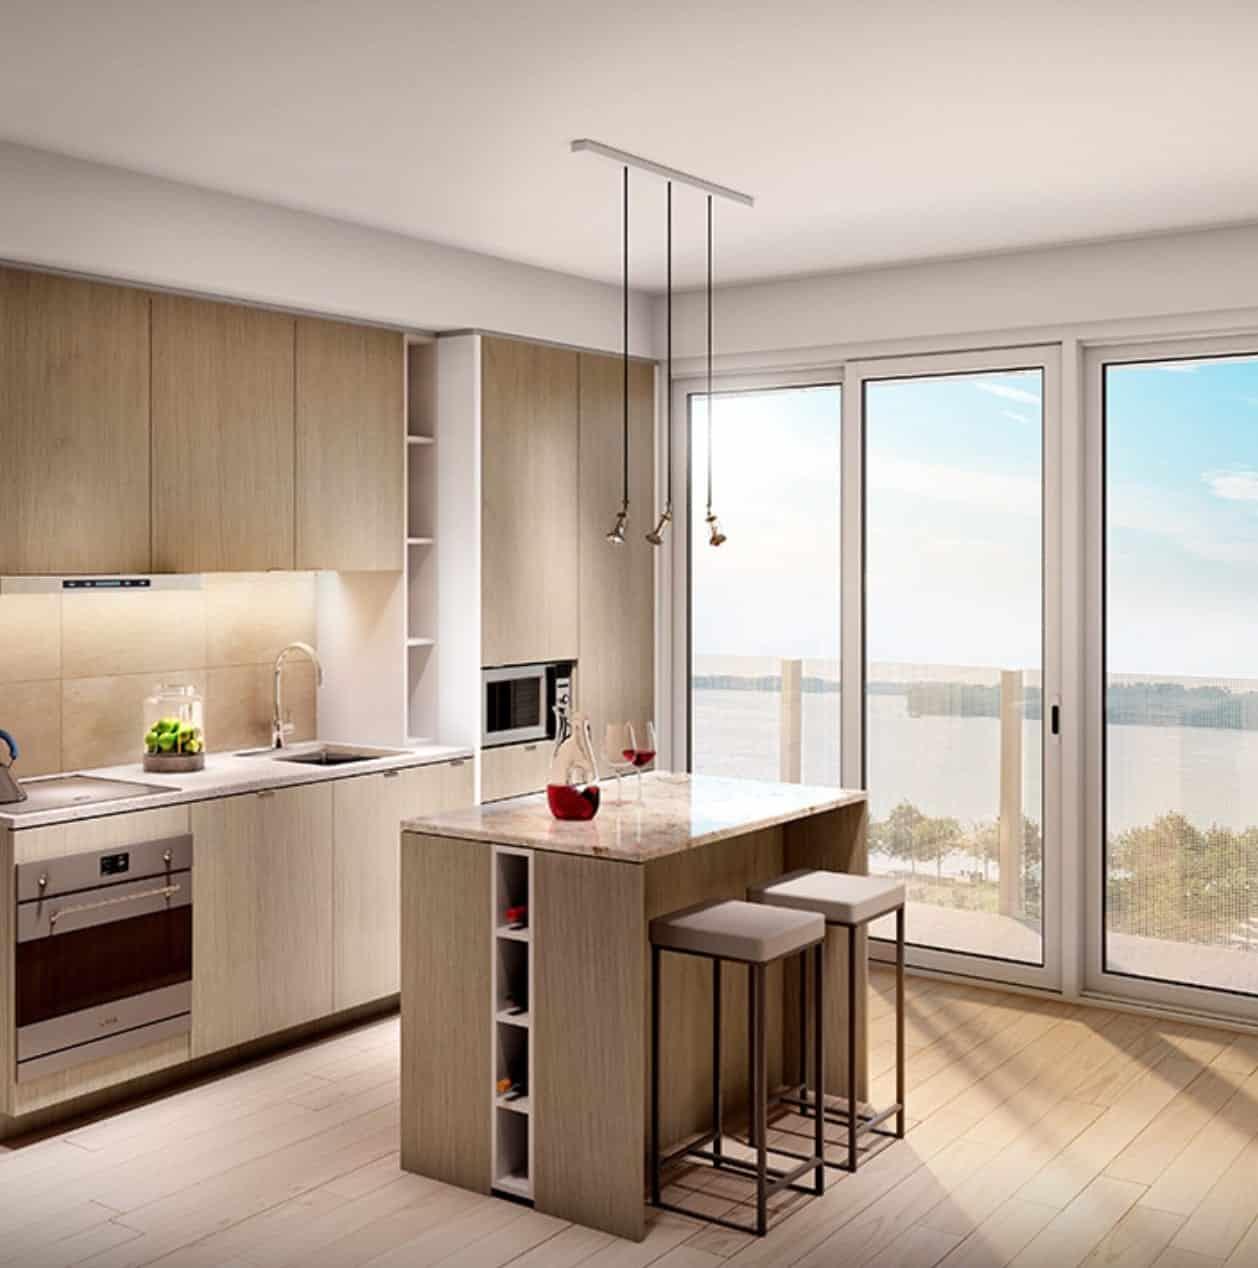 Lakeside Residences Kitchen Interior True Condos